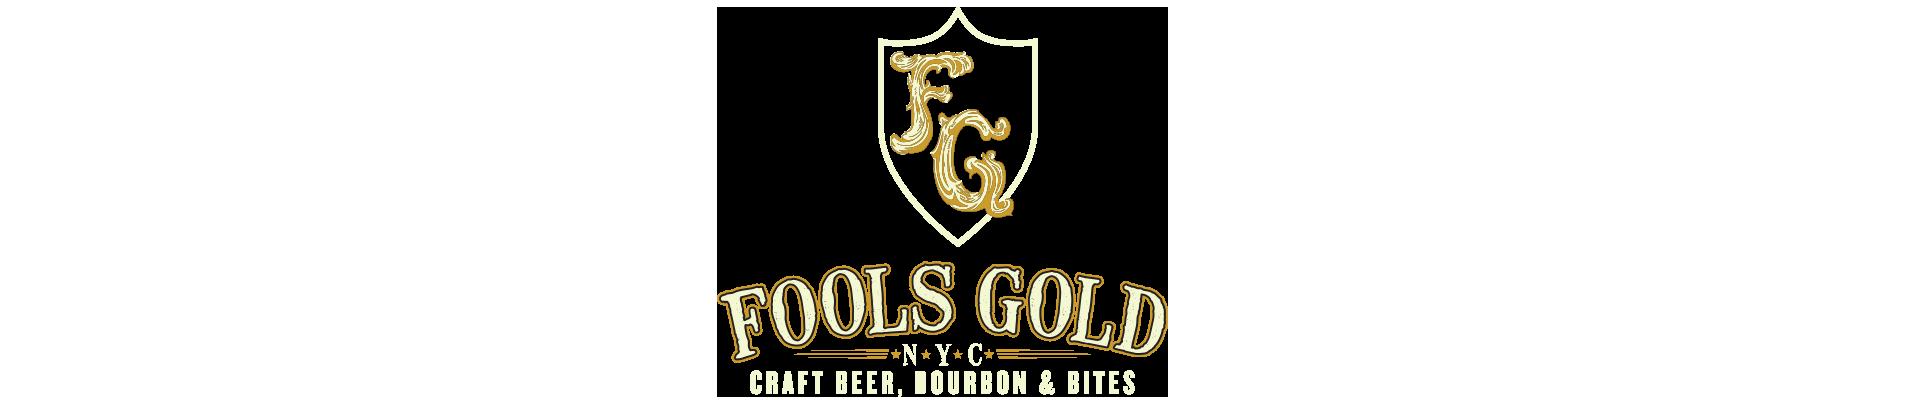 Fools Gold NYC.